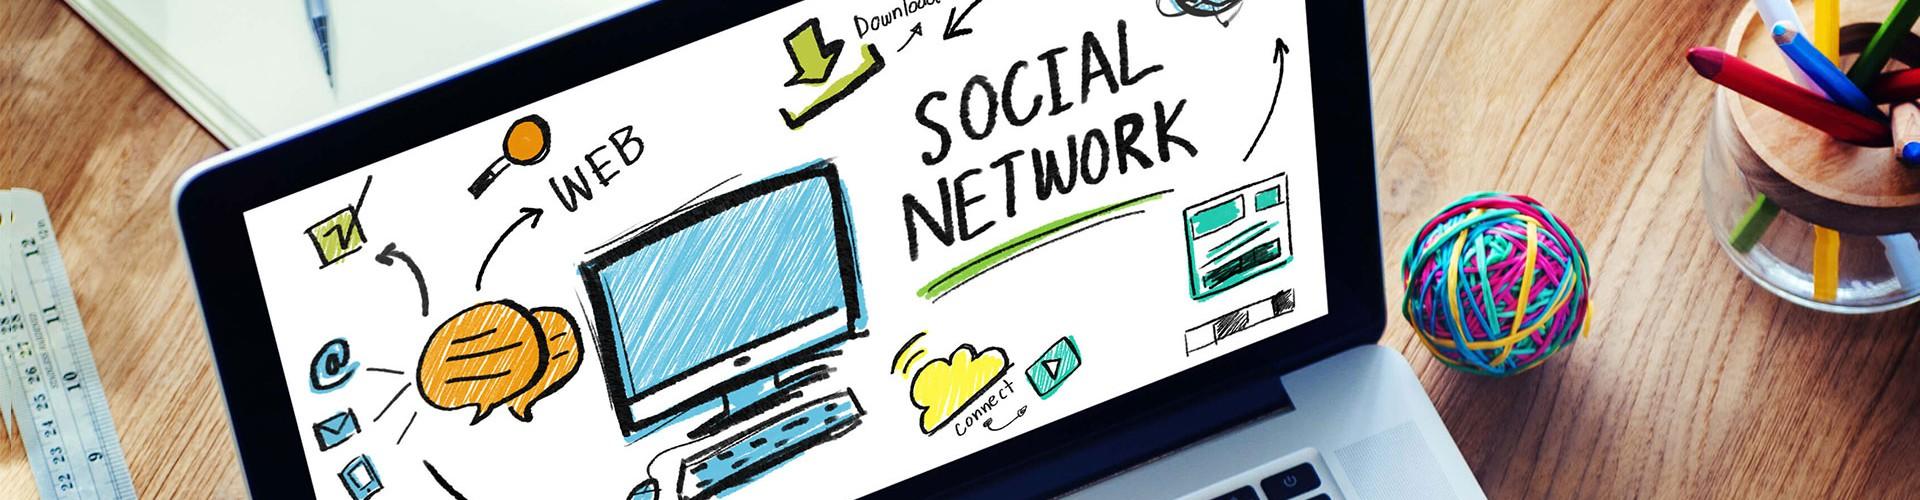 slider-social-network